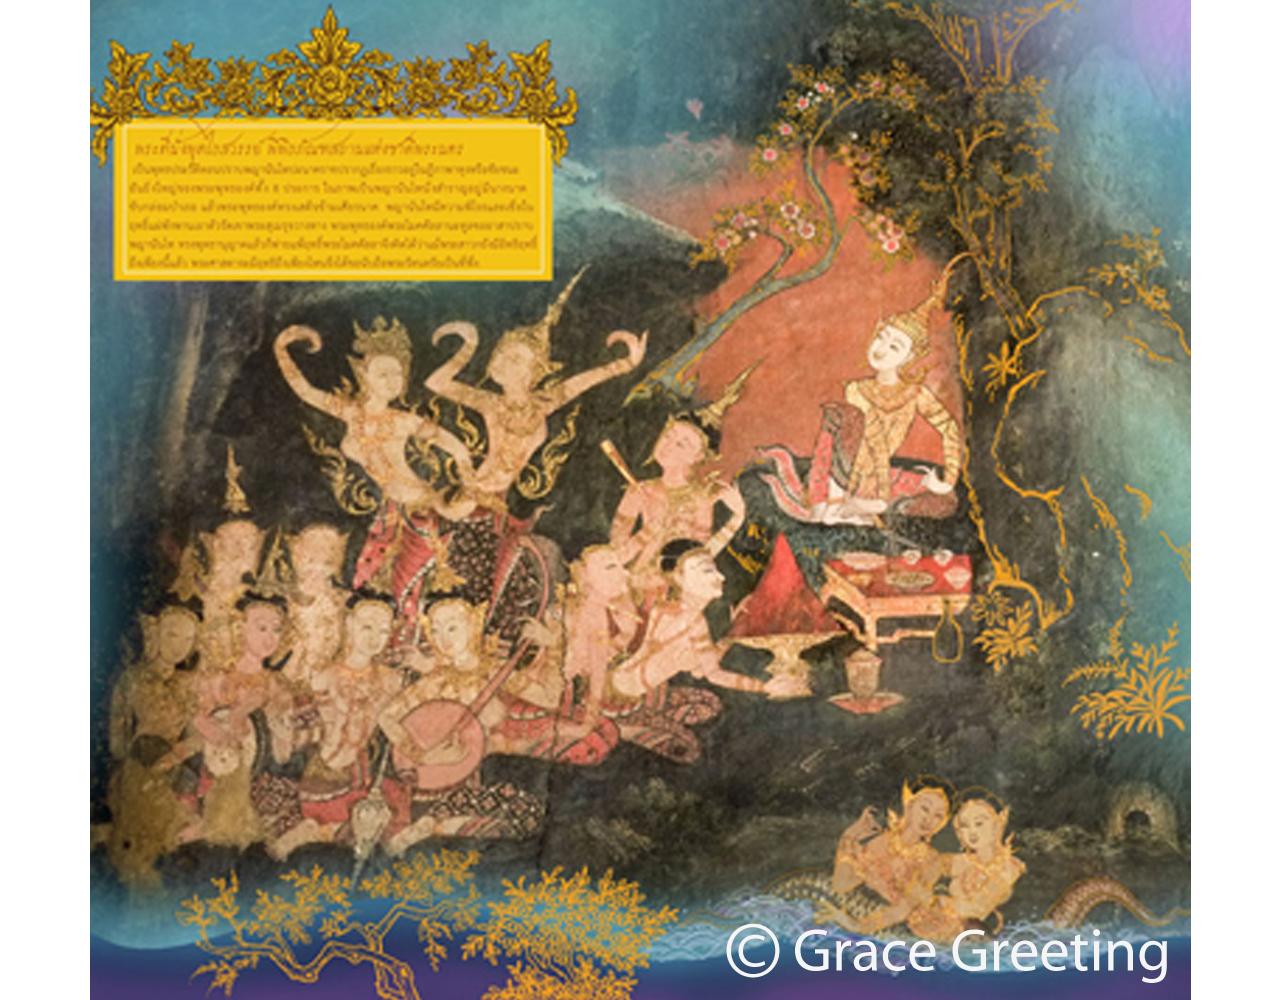 ปฏิทินตั้งโต๊ะ ปี 2562 CT.6201 Thai Painting Art Apr